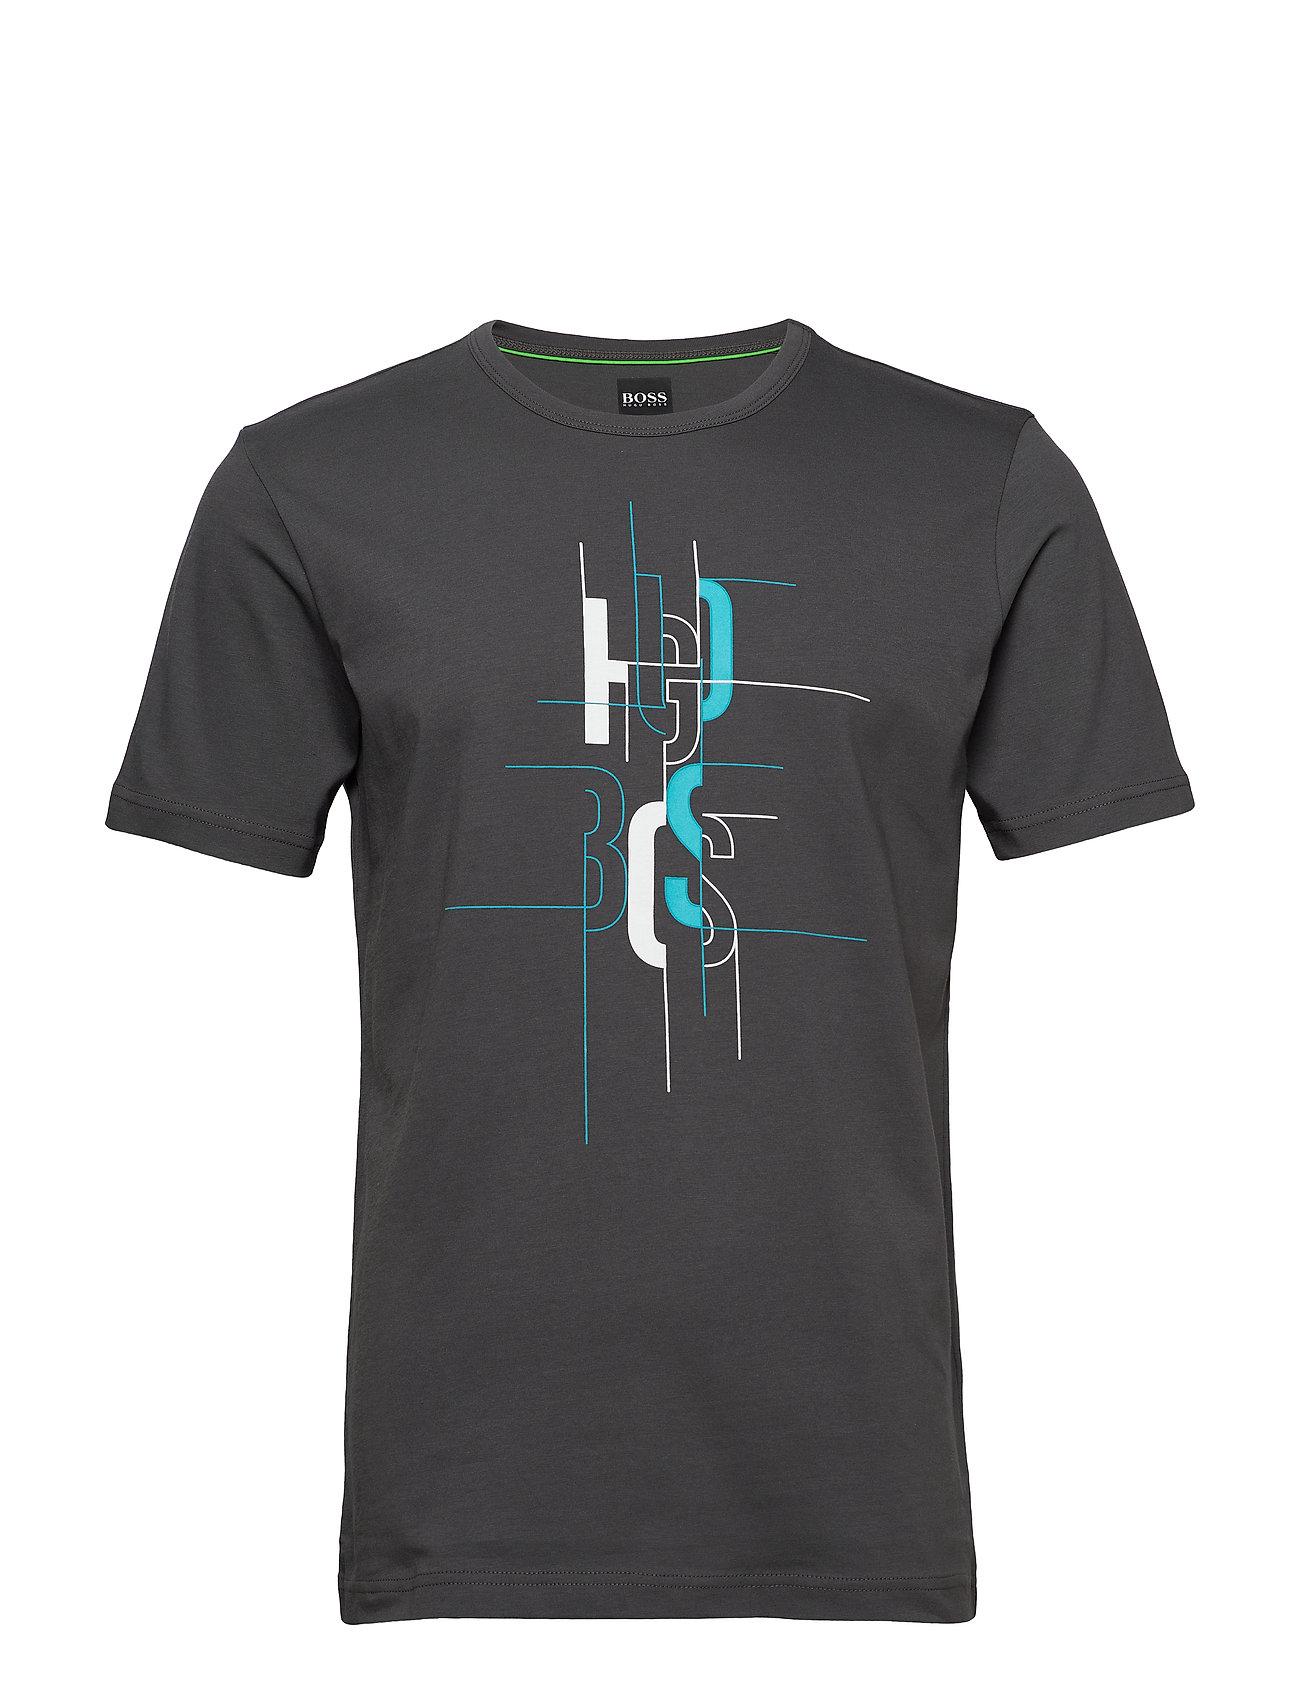 Image of Tee 2 T-shirt Grå BOSS (3406315959)